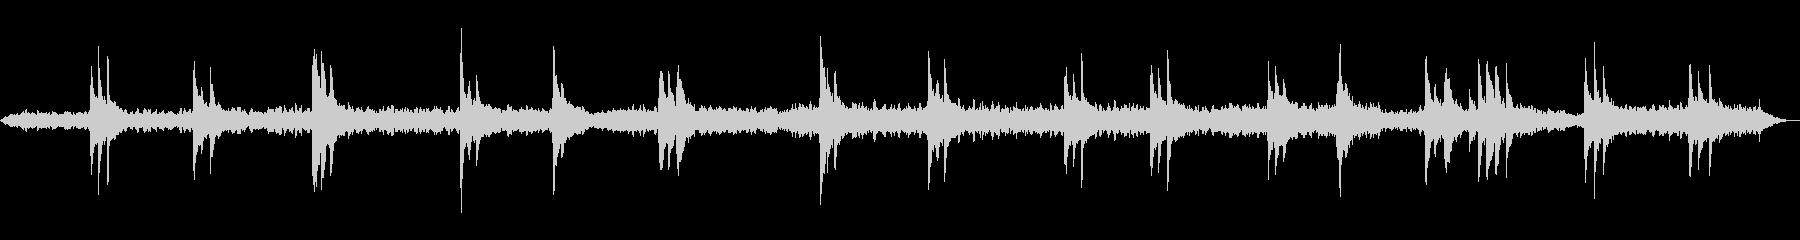 ソルフェジオ周波数を使った癒しのBGMの未再生の波形